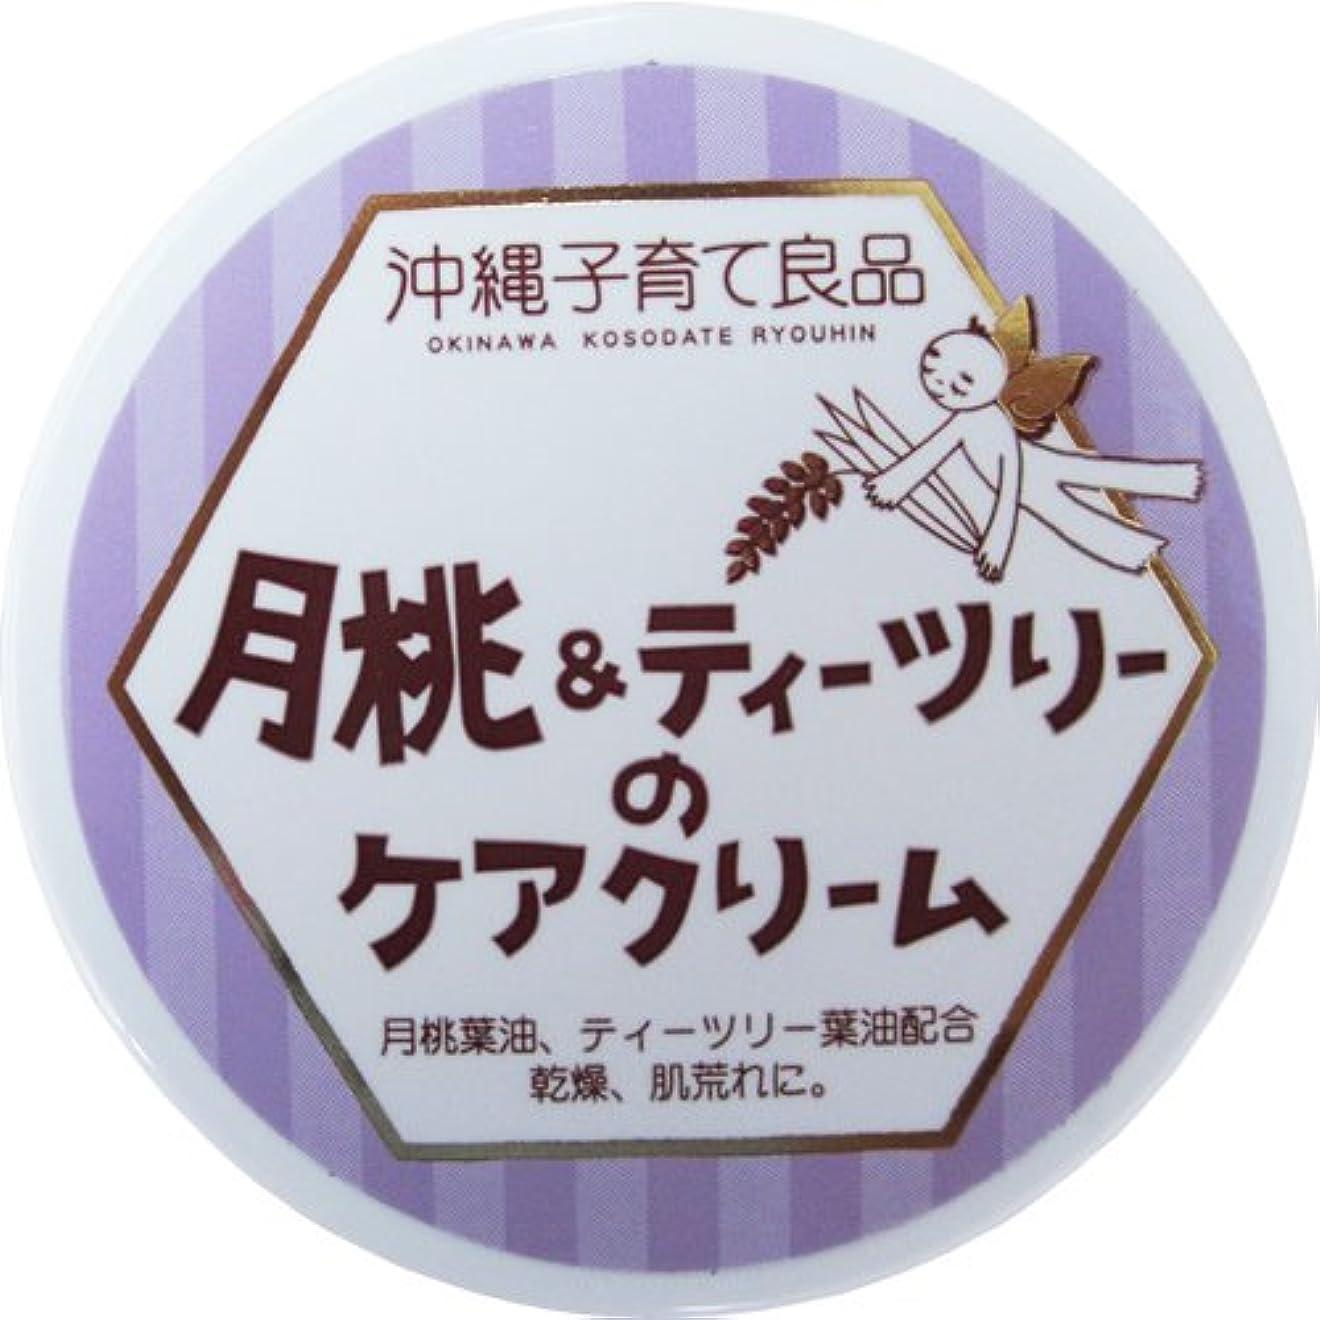 砂利終点忠実に沖縄子育て良品 月桃&ティツリーのケアクリーム (25g)